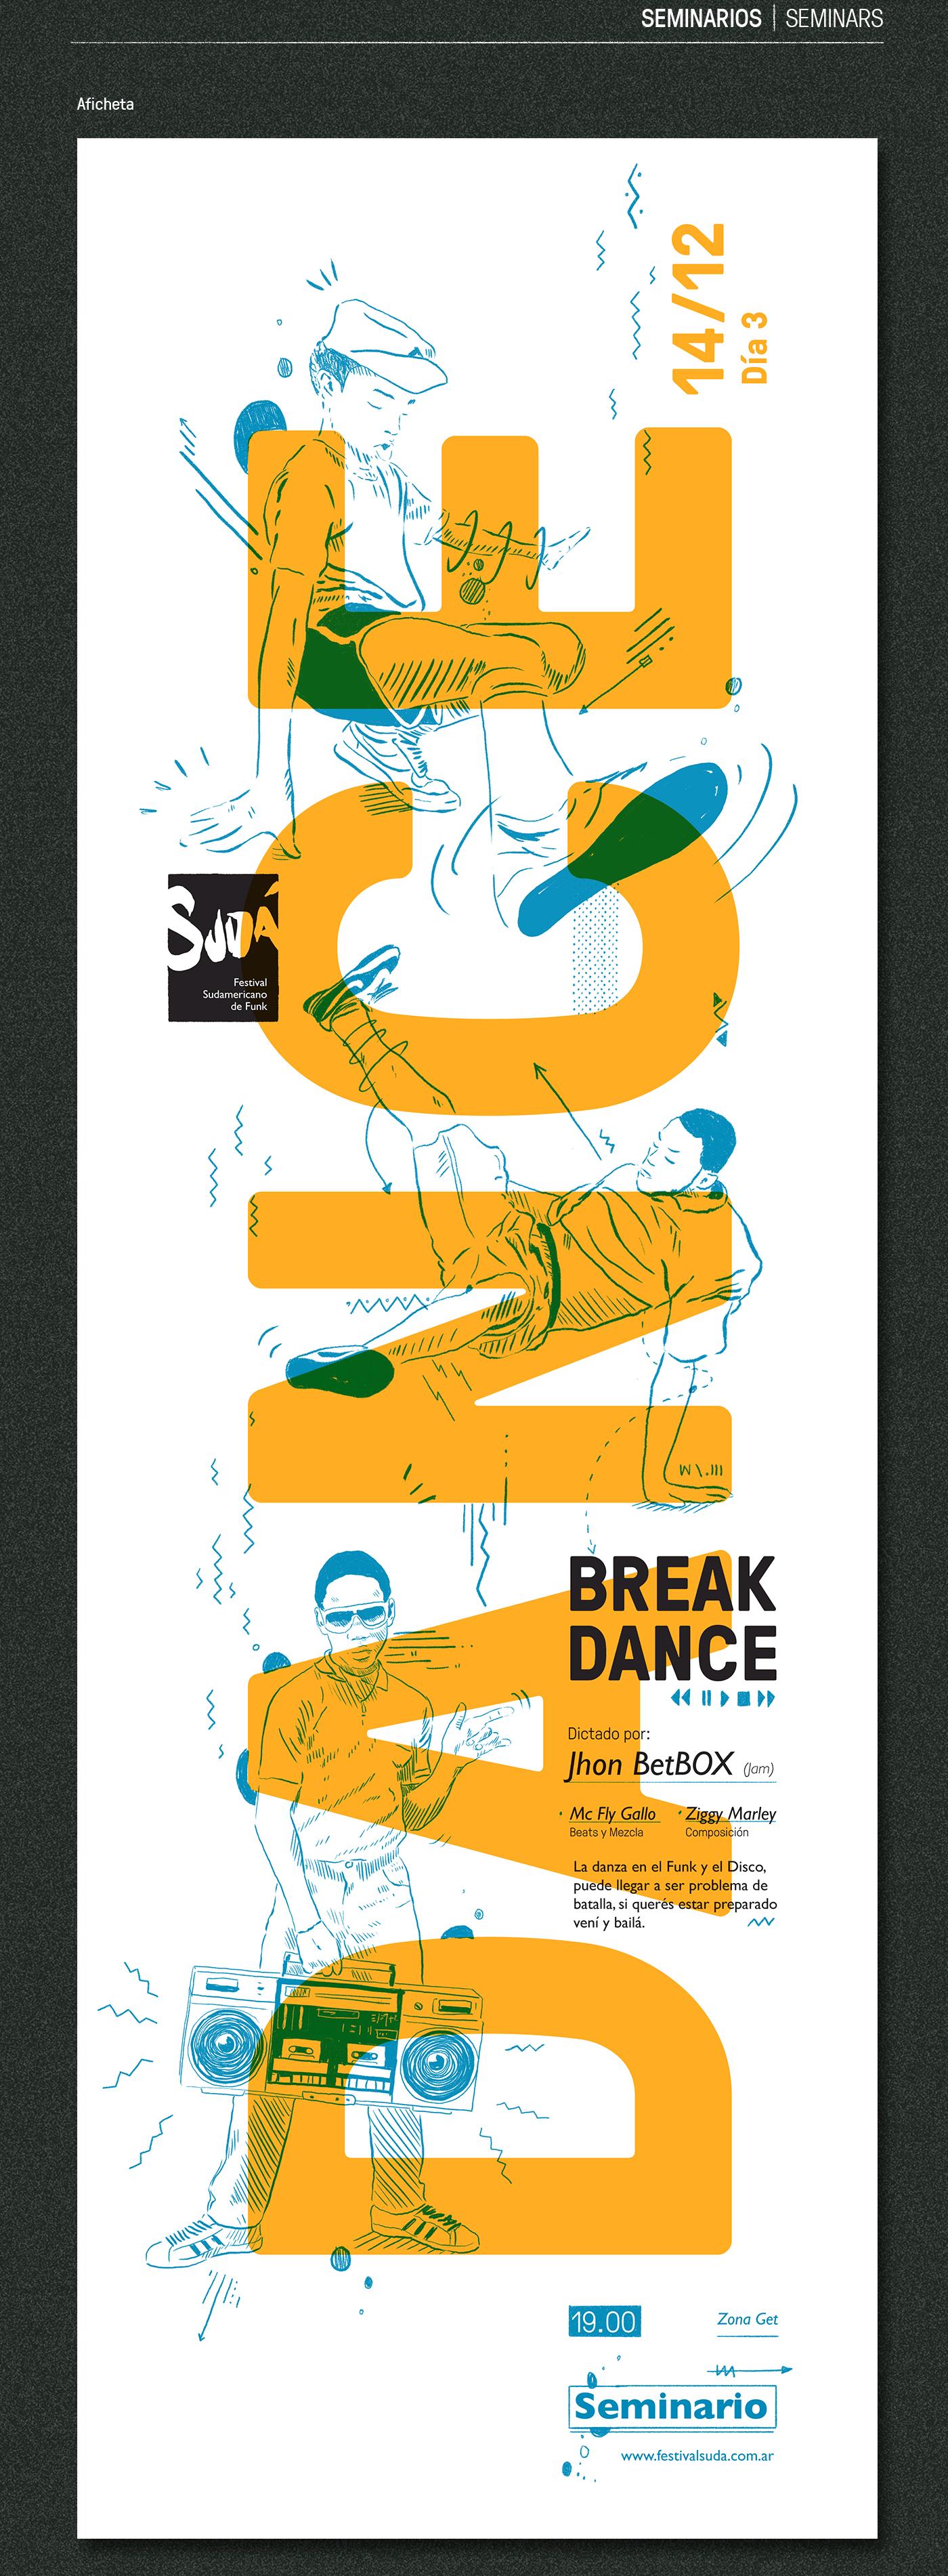 Final proyect - Festival Sudá | Diseño Gráfico III , Cátedra Gabriele 2016 - FADU (UBA) | Buenos Aires, Argentina3RD PART - SEMINARS, WORKSHOPS, EXHIBITIONSSUDÁEl primer Fesival Sudamericano de Funk que se celebrará en Buenos Aires. Durante tres día…